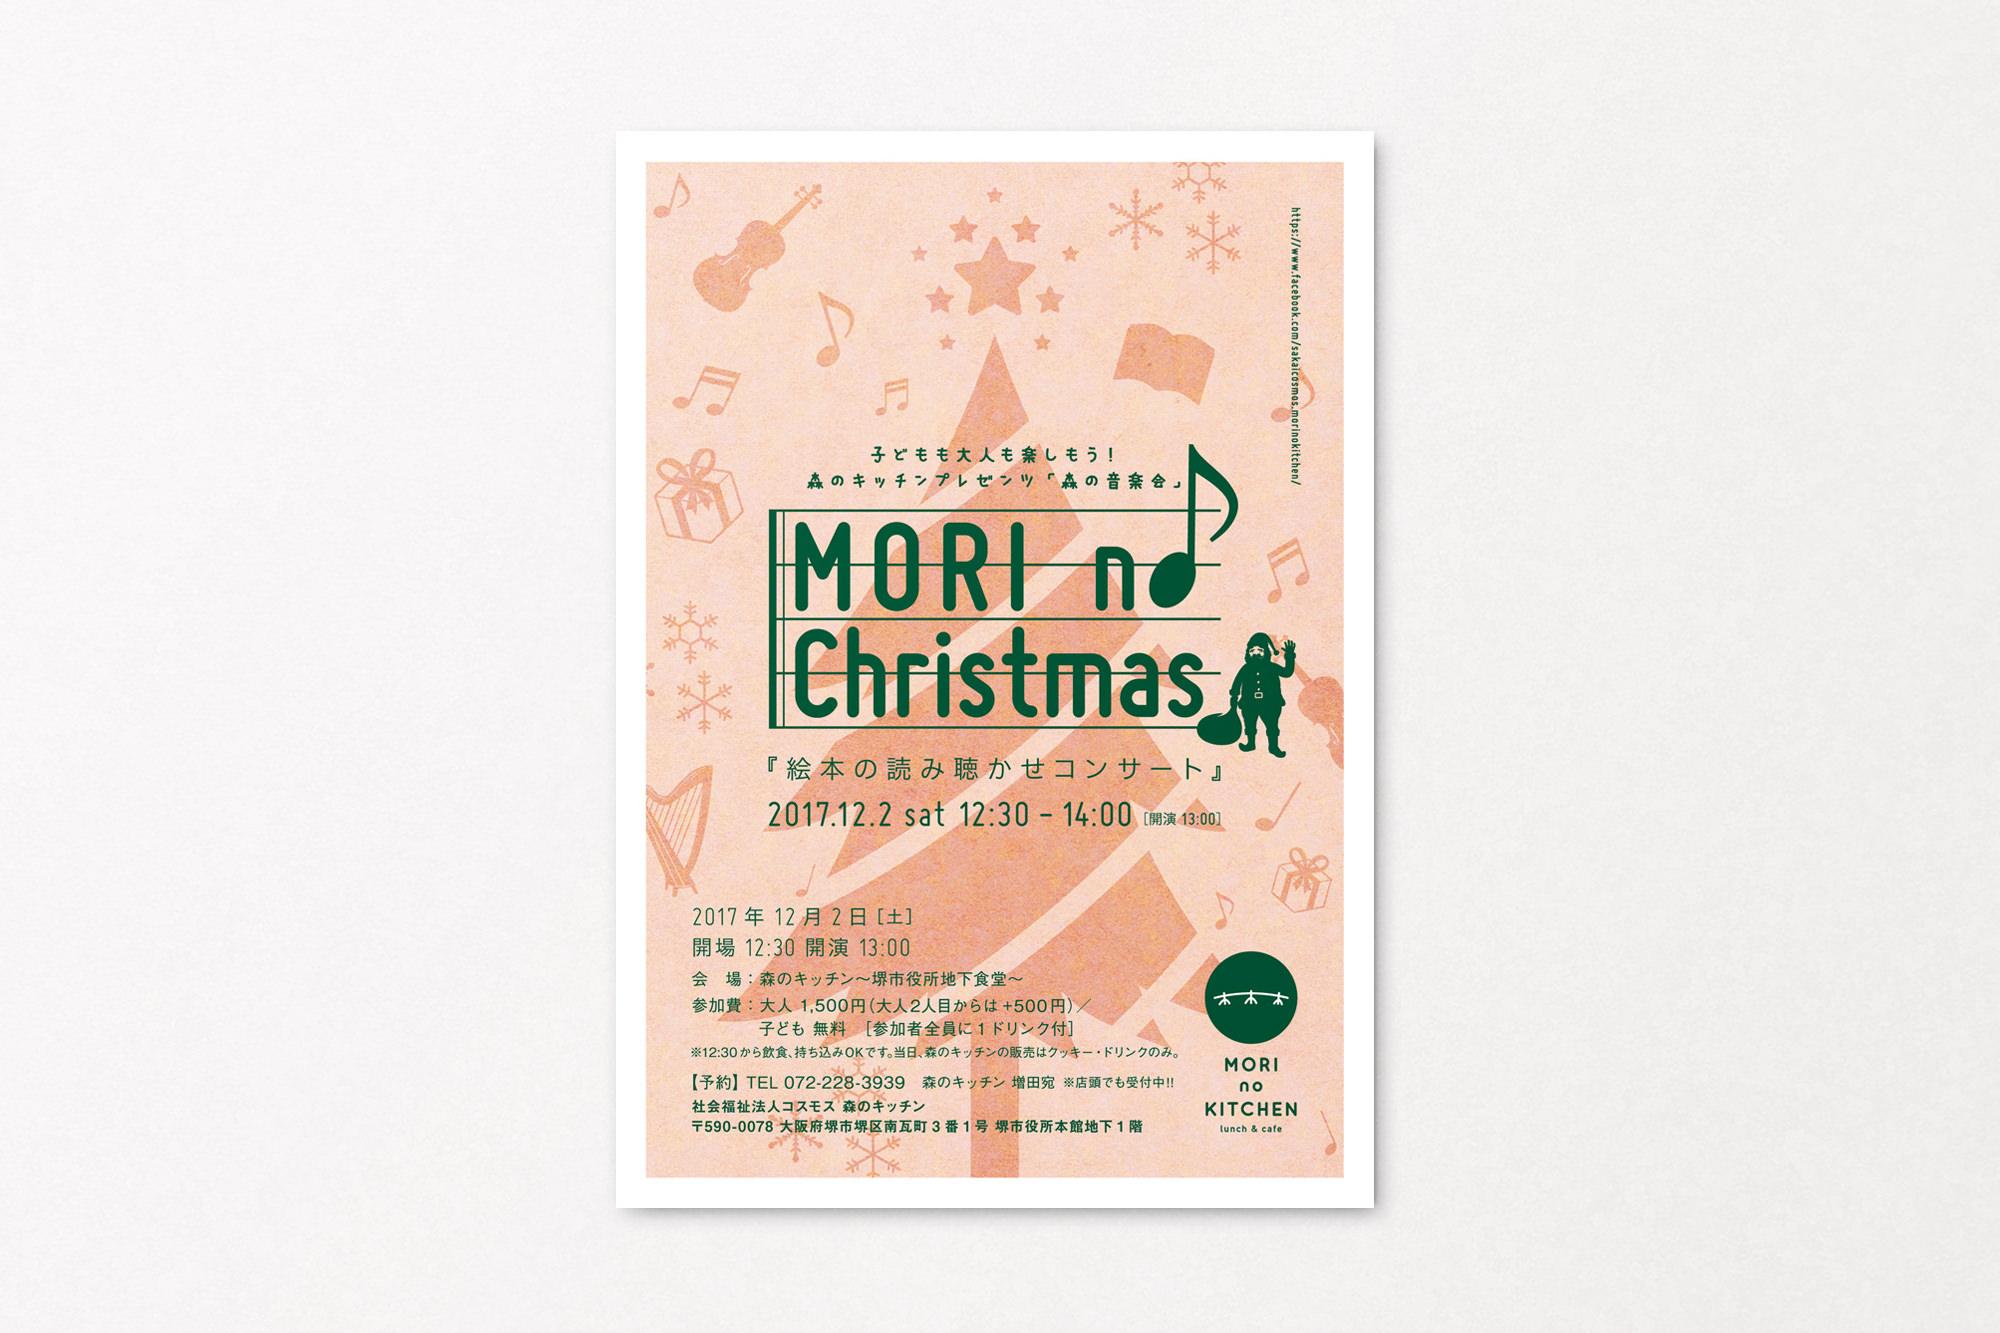 MORI no Christmas 『絵本の読み聴かせコンサート』